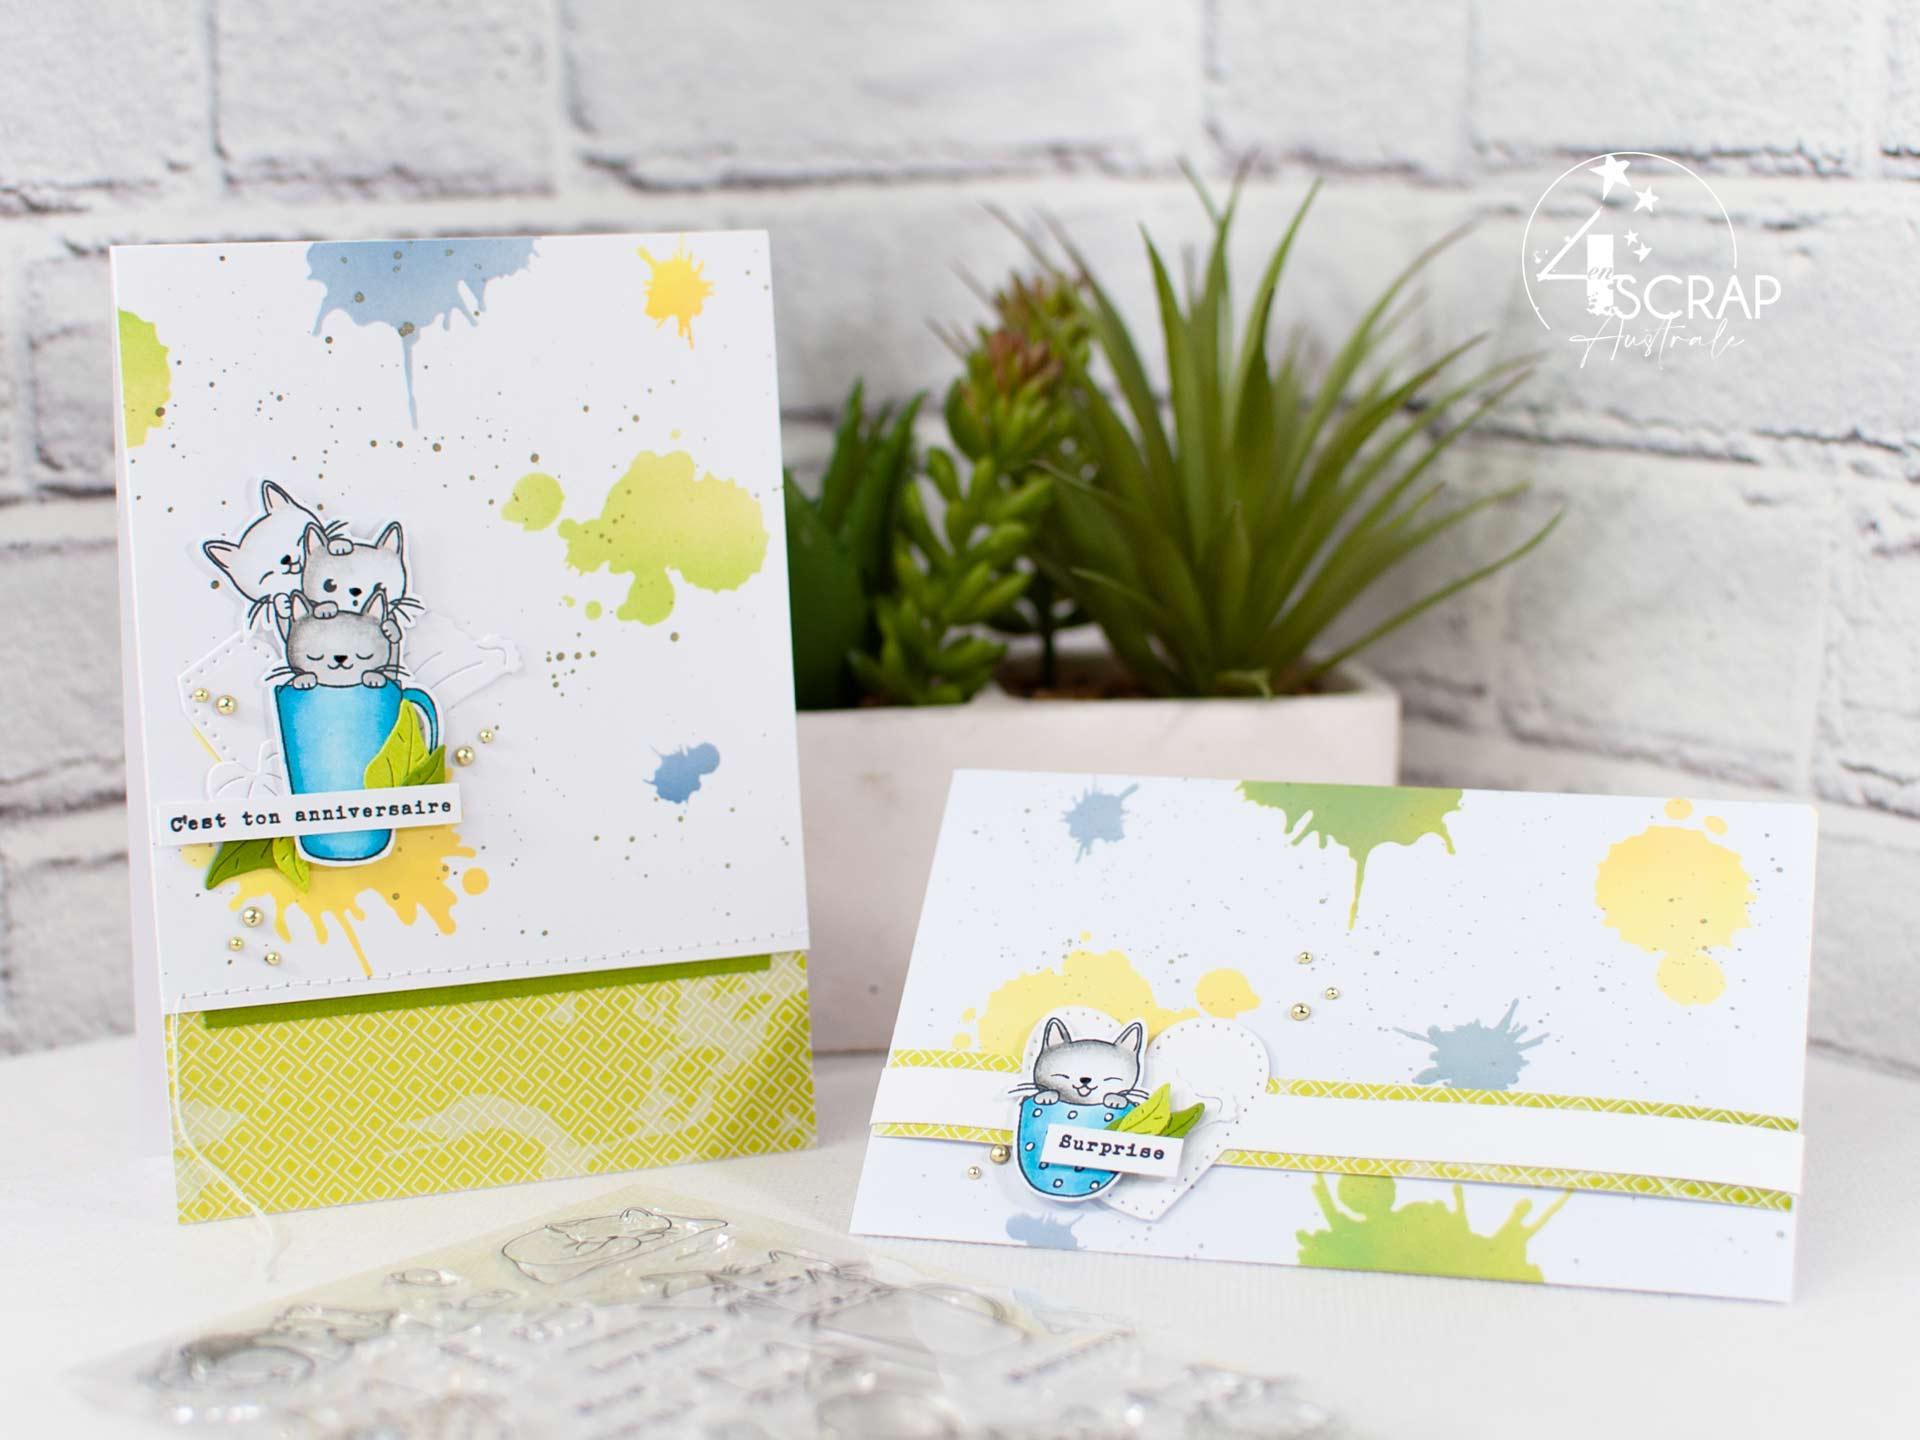 Carte d'anniversaire et enveloppe cadeau assortie avec fond taches réalisé au pochoir et à l'encre, des petits chats dans une tasse, feuillages et étiquettes.